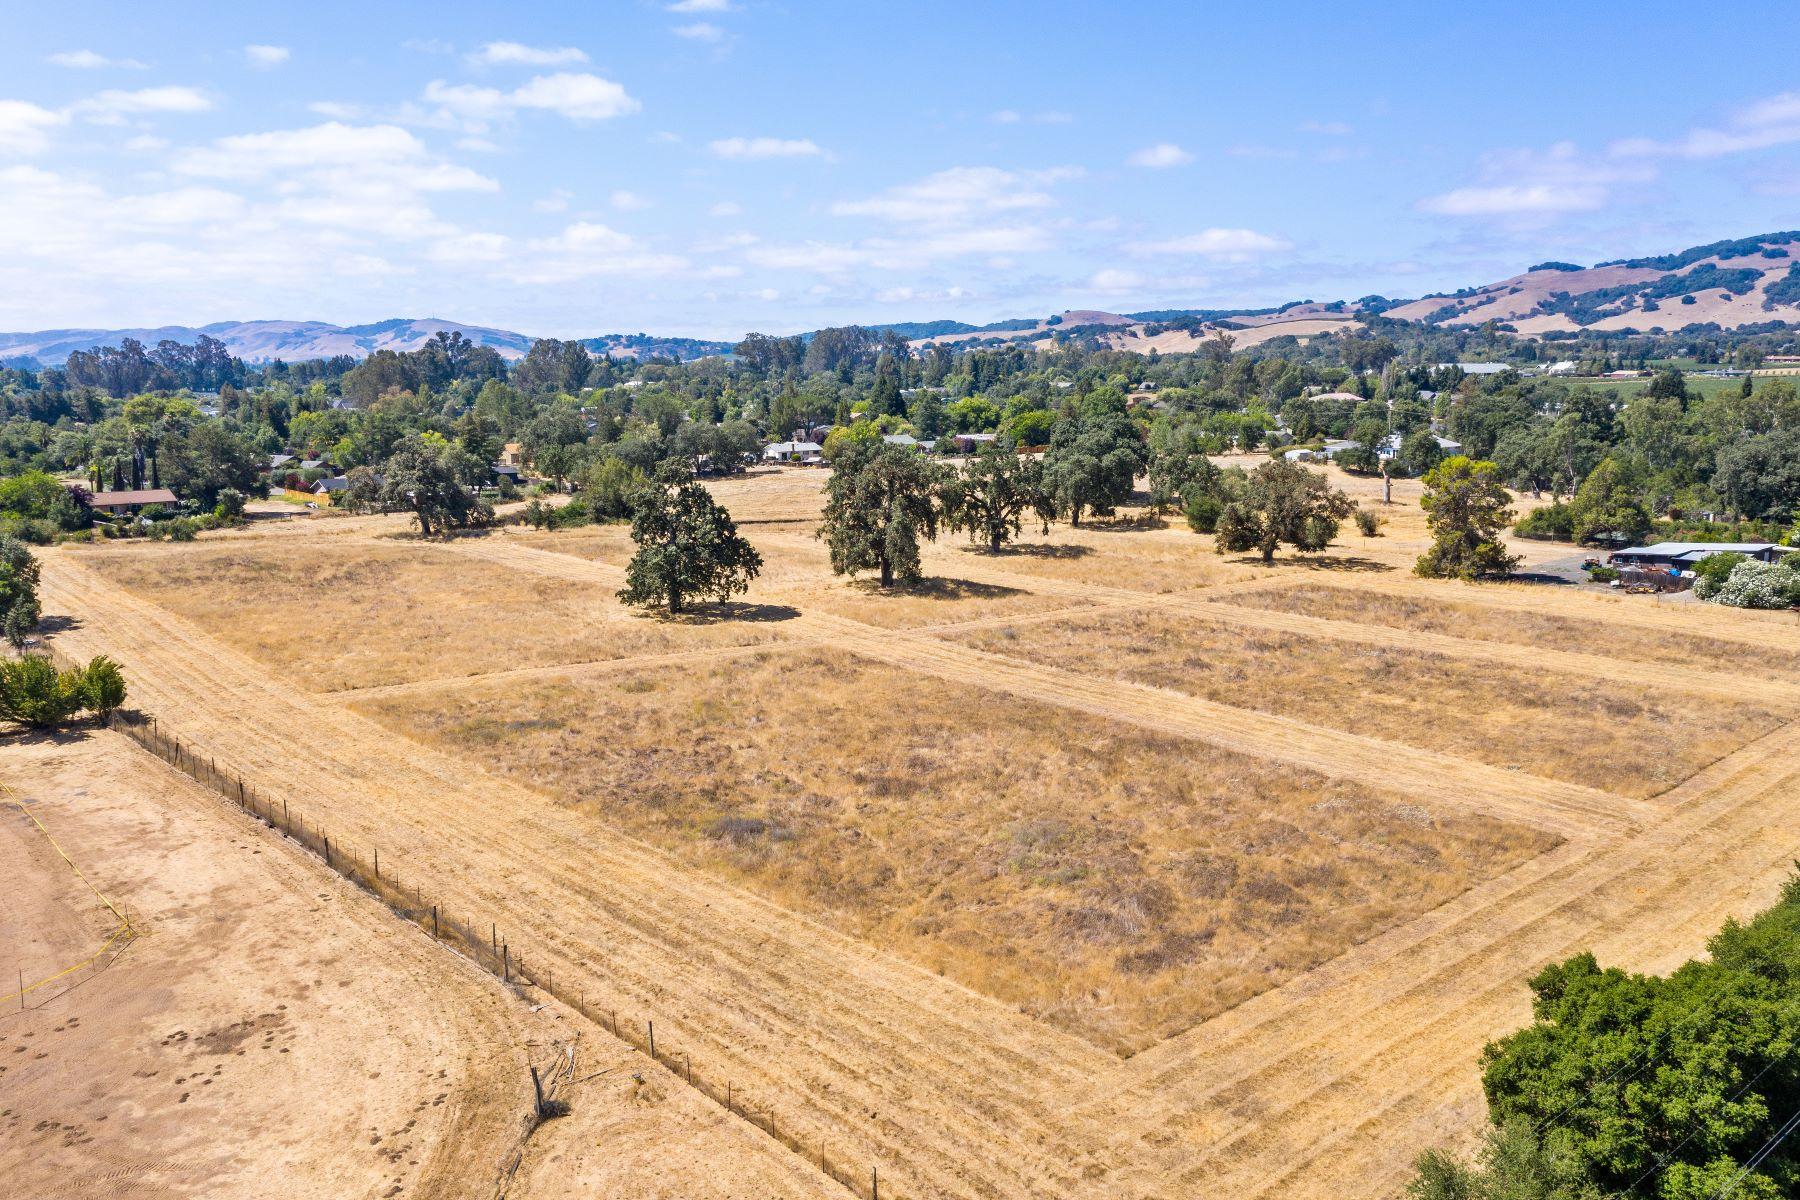 Terreno por un Venta en Valley Floor Estate/Development Parcel 1100 Craig Ave Sonoma, California 95476 Estados Unidos